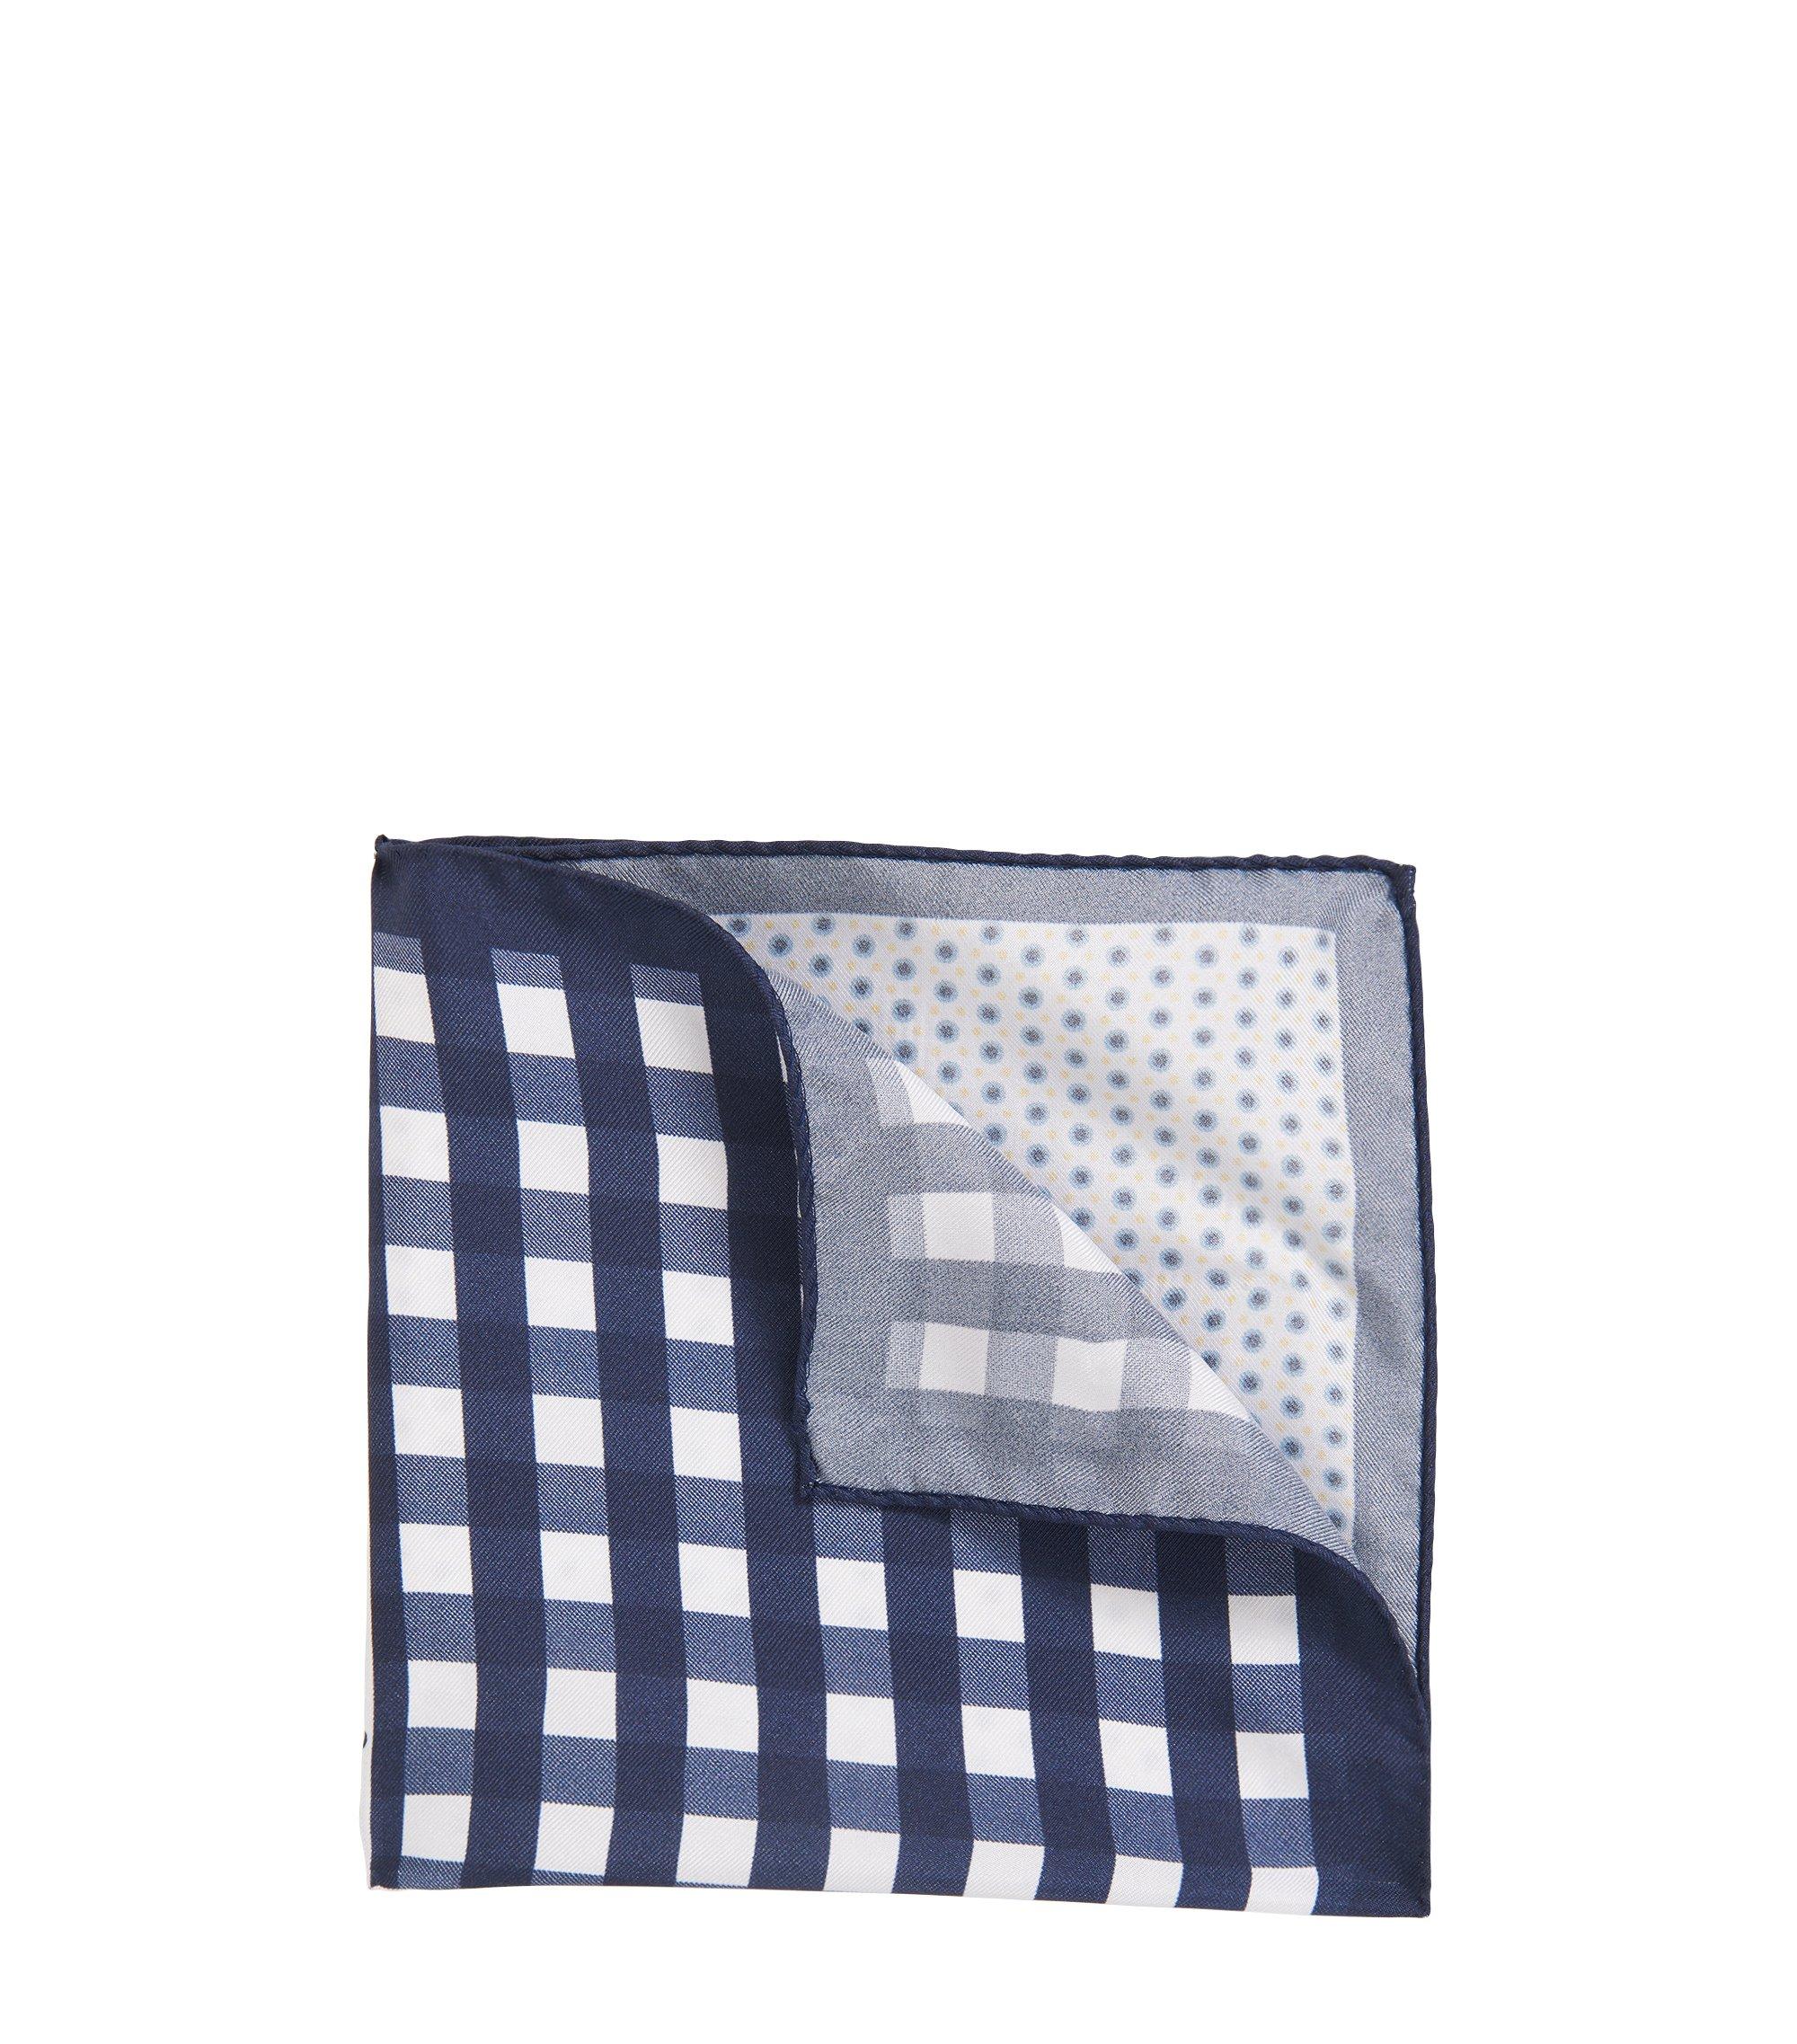 Pochet van zuivere zijde met meerdere dessins, Donkerblauw